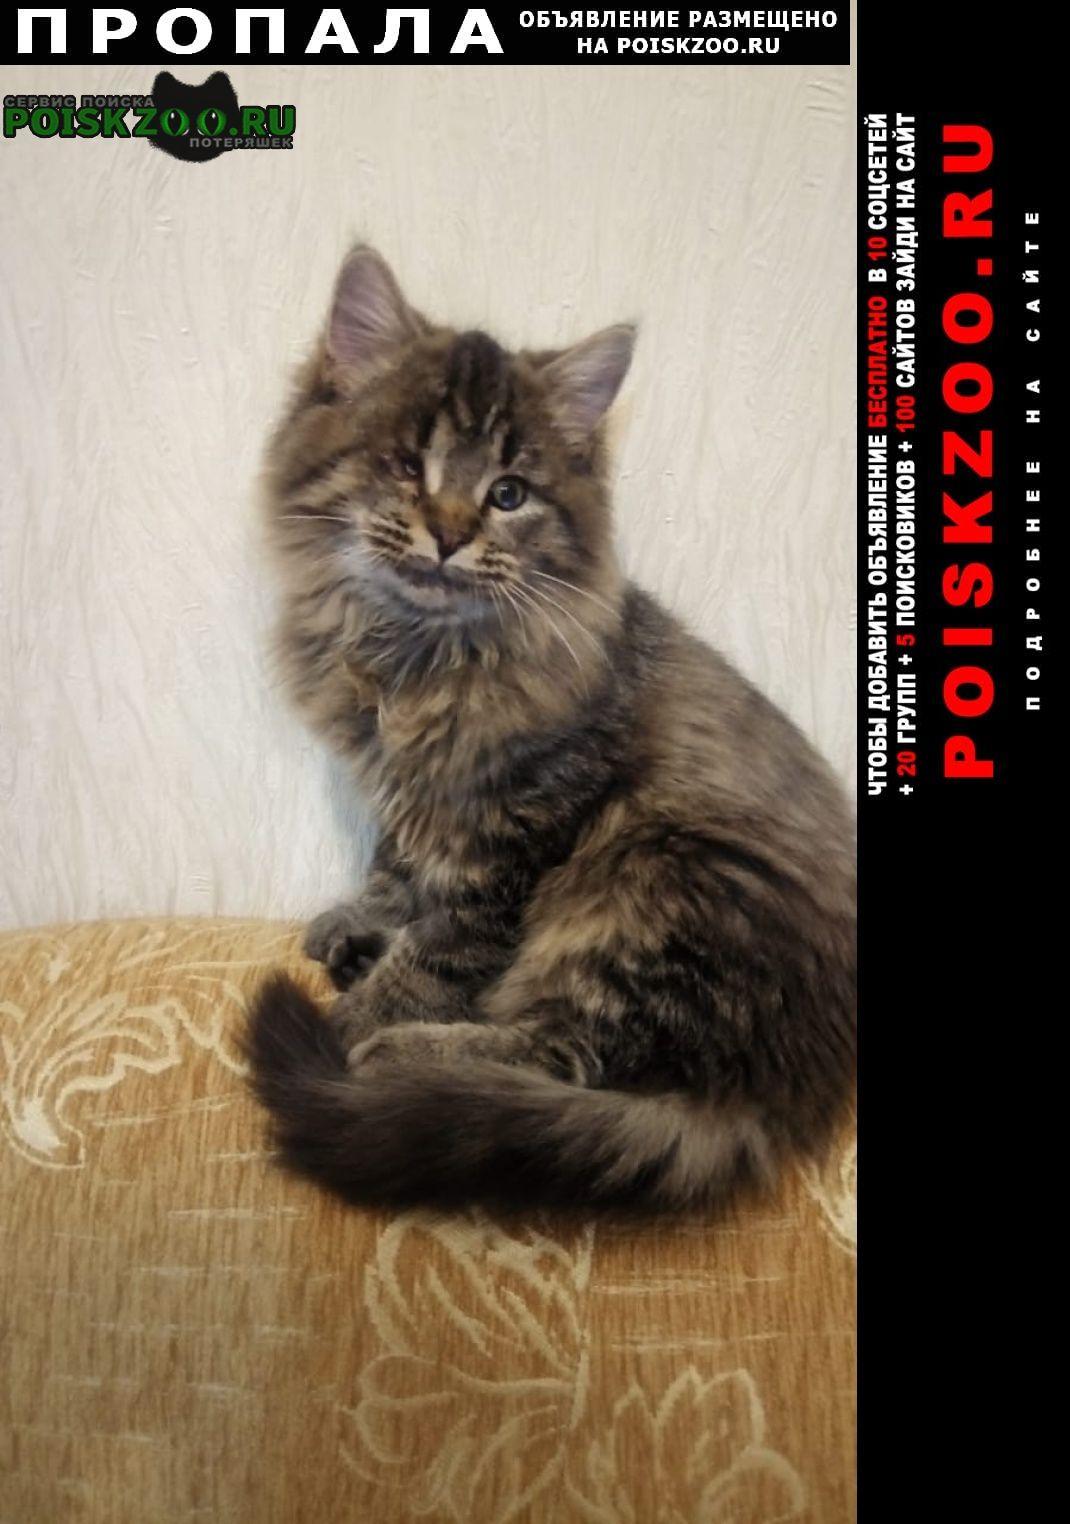 Пропал кот у клиники бегемот Егорьевск